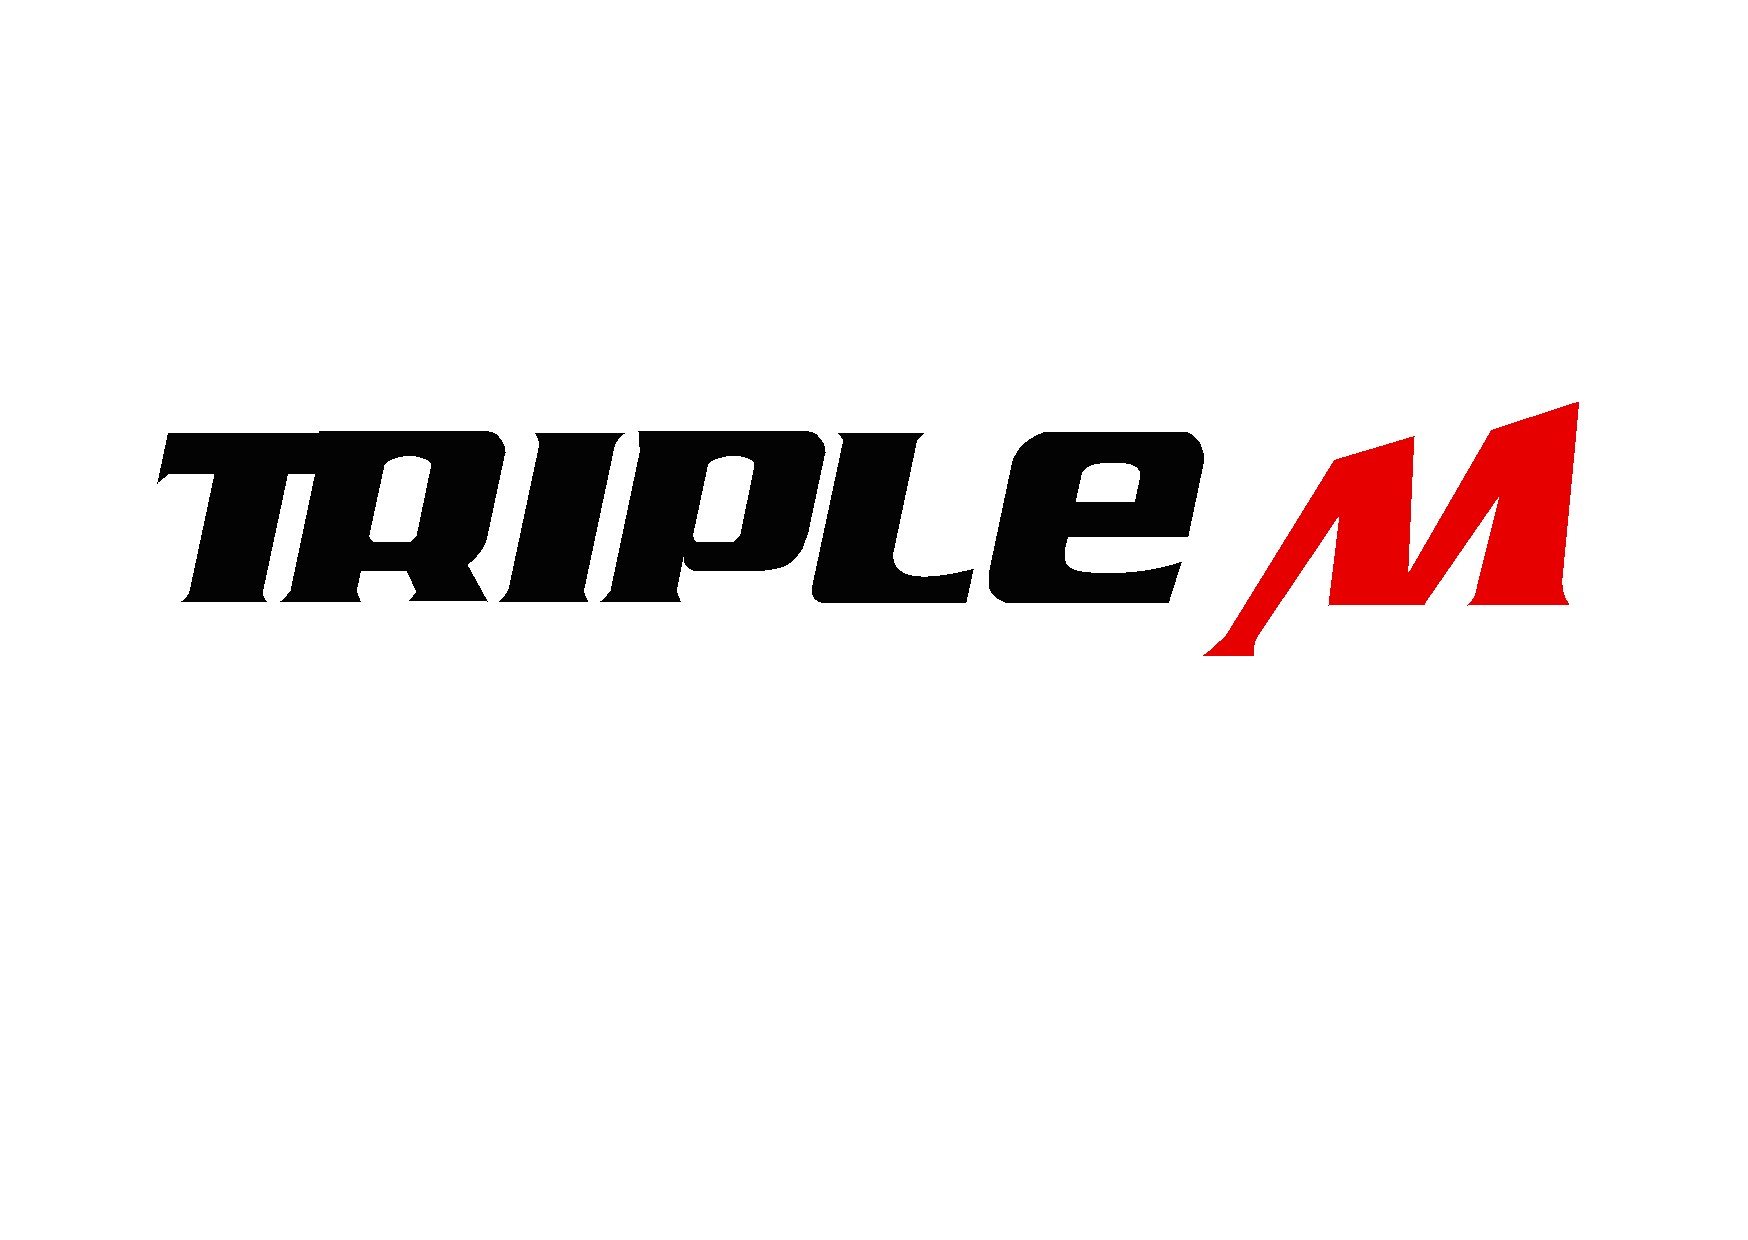 triple m - photo #15